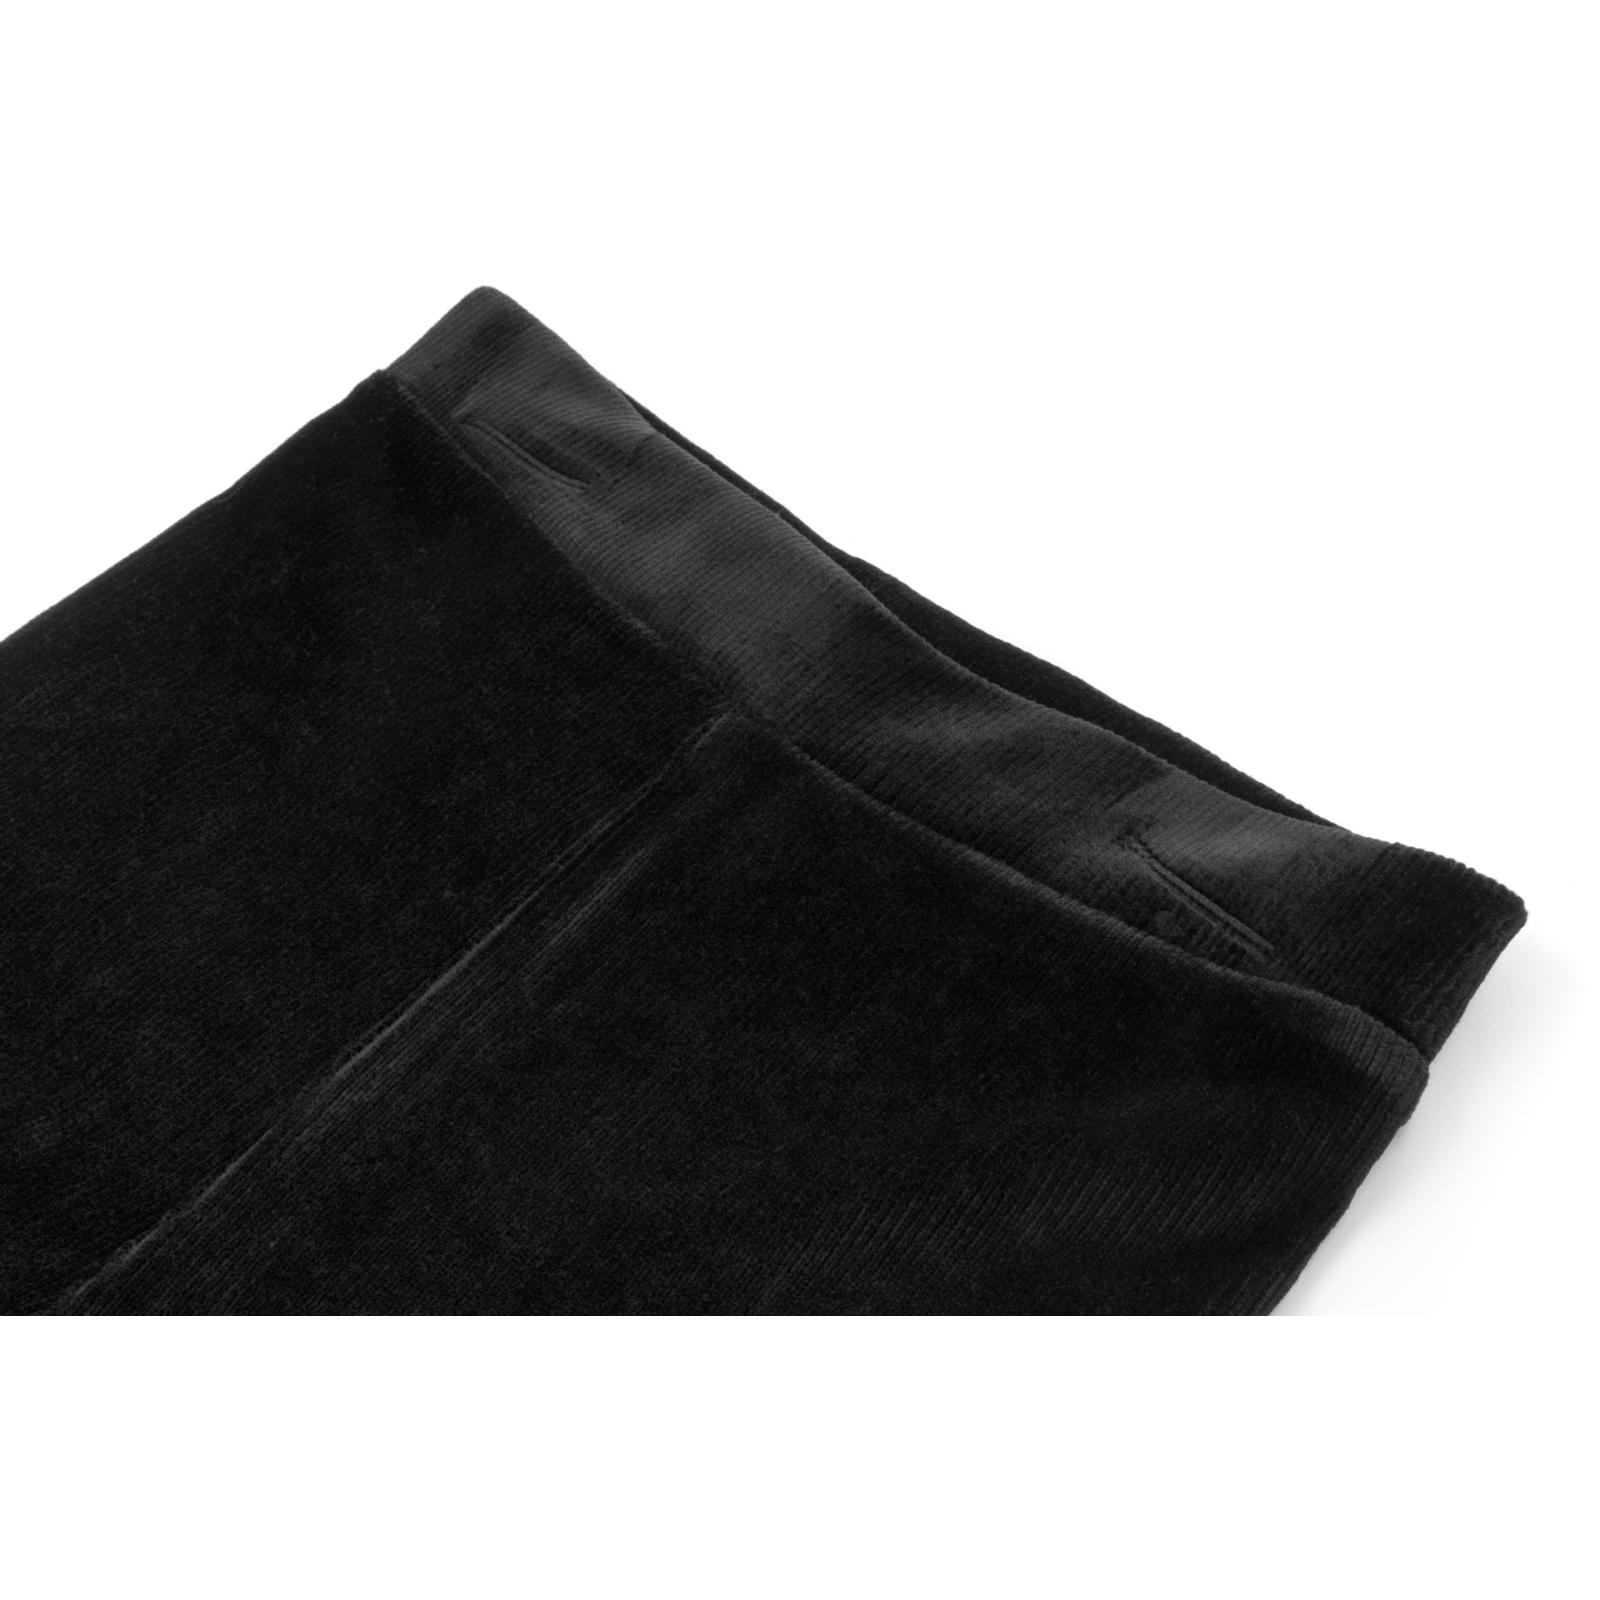 Лосины Breeze велюровые (5254-110G-black) изображение 3